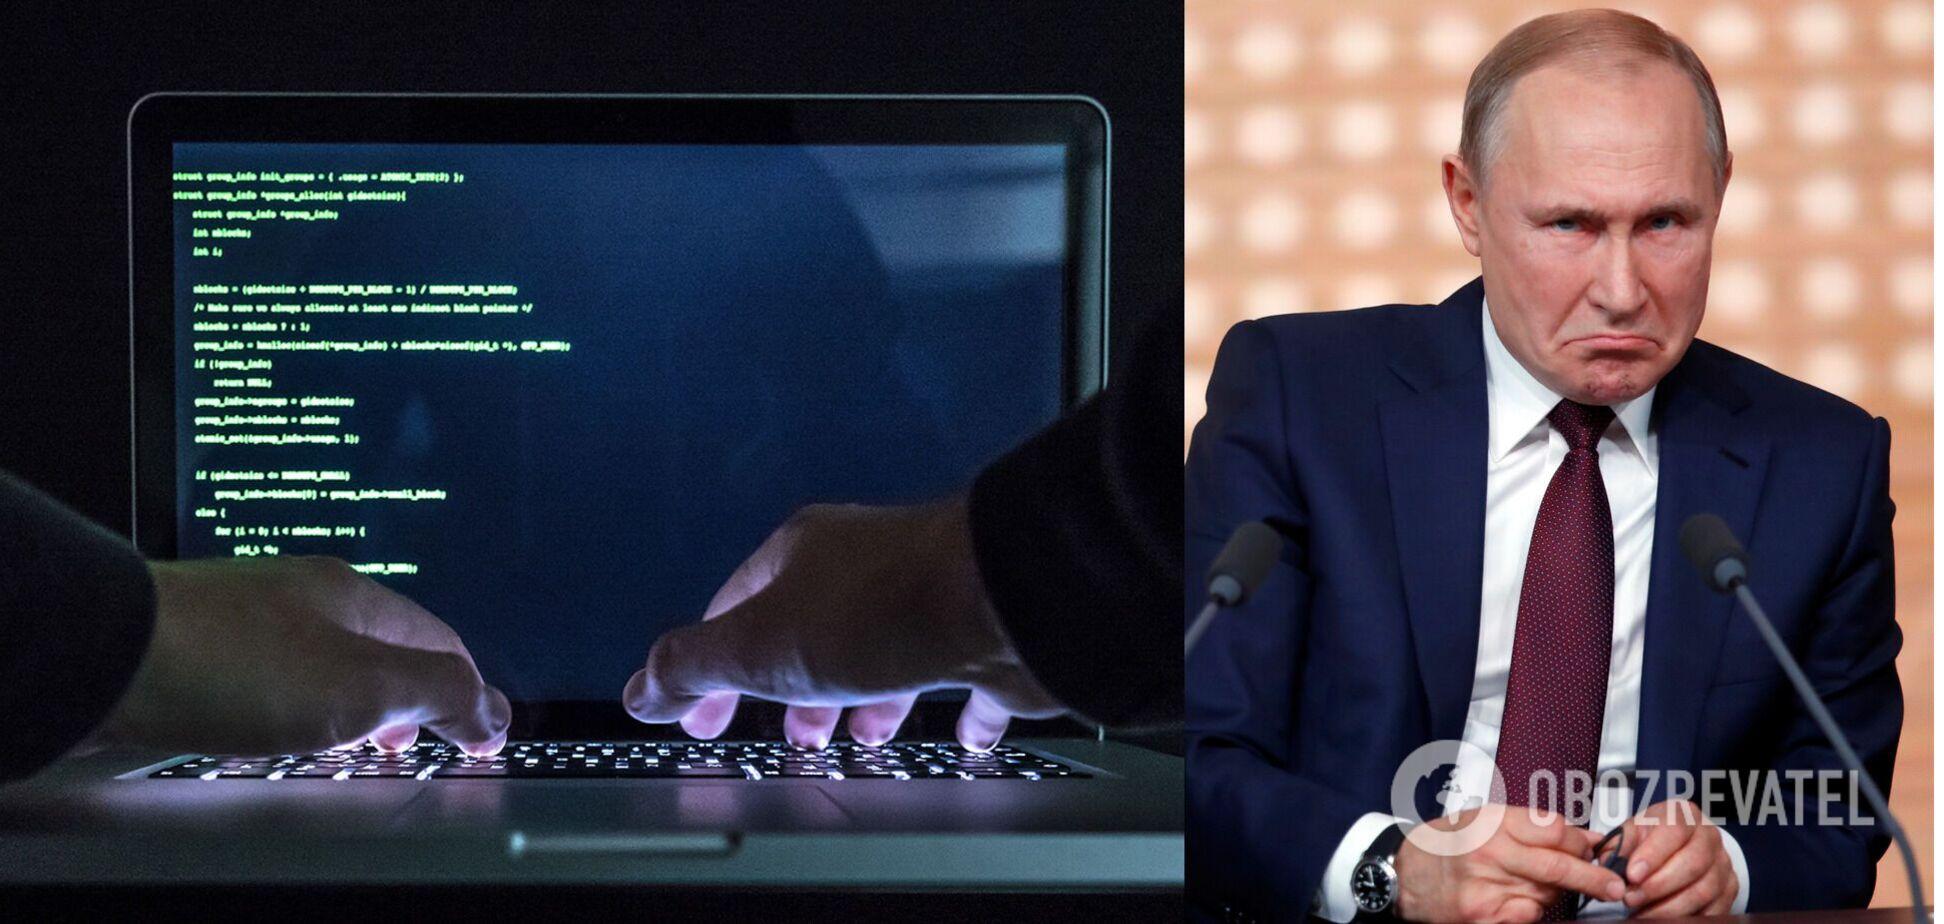 У США готується кібератака на Путіна та його оточення – NYT